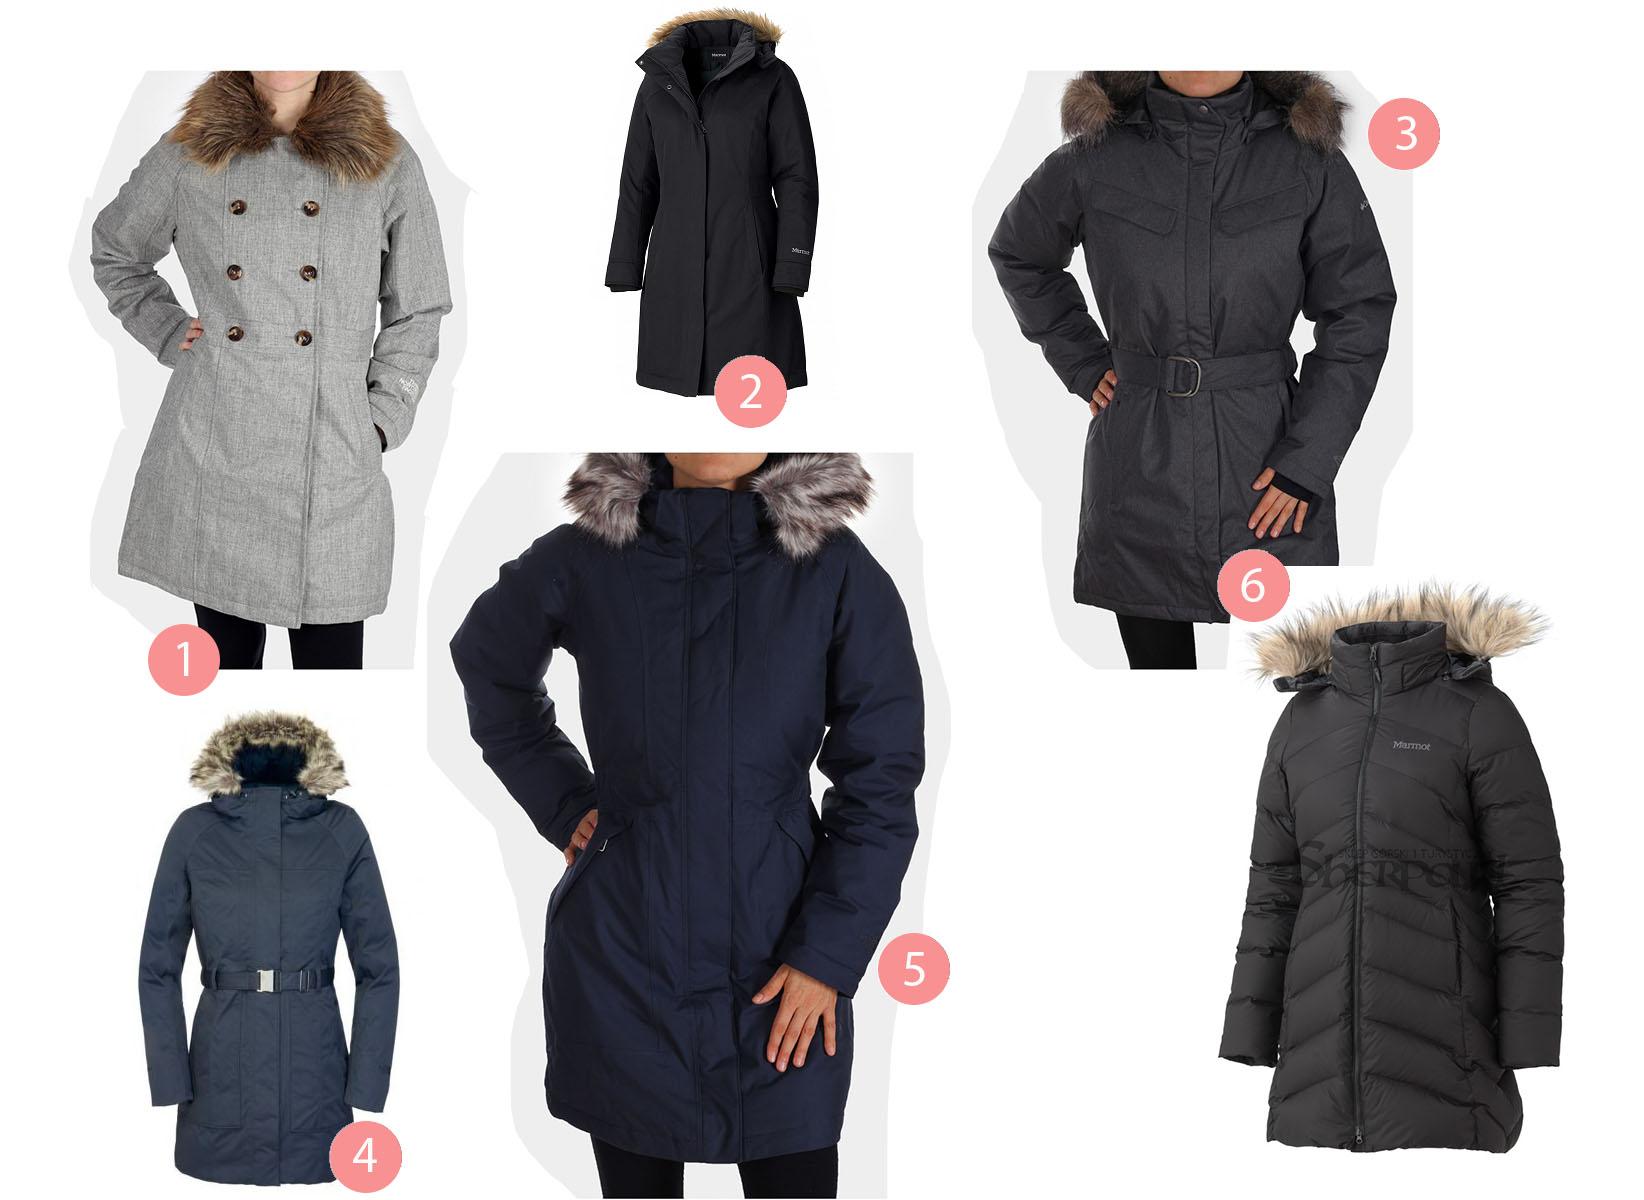 gruba zimowa kurtka jak zwęzić